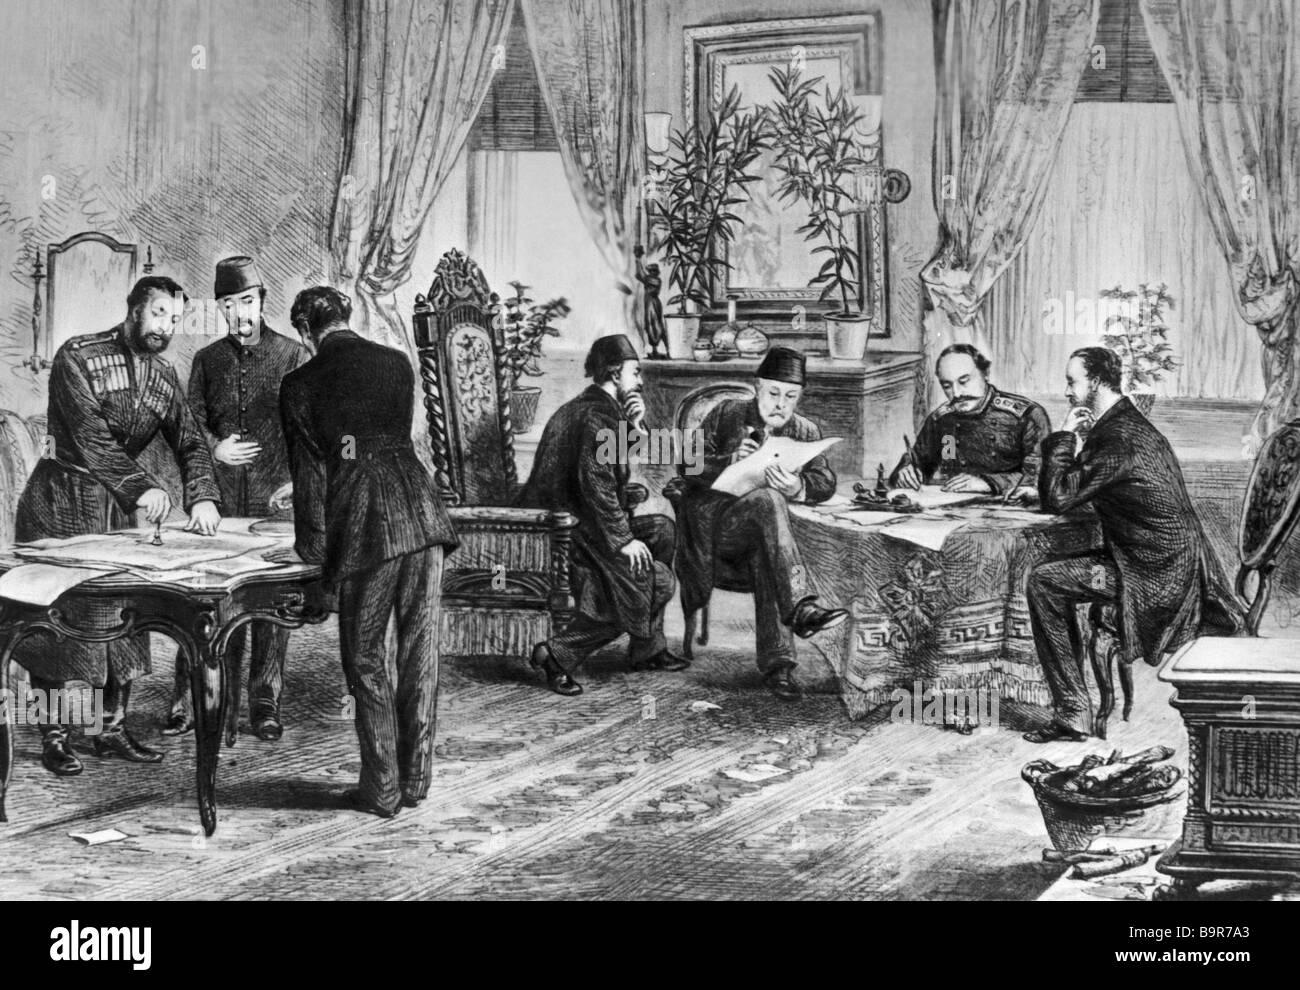 Artista sconosciuto firma il Russo turco trattato di pace di San Stefano 1878 Stampare Immagini Stock